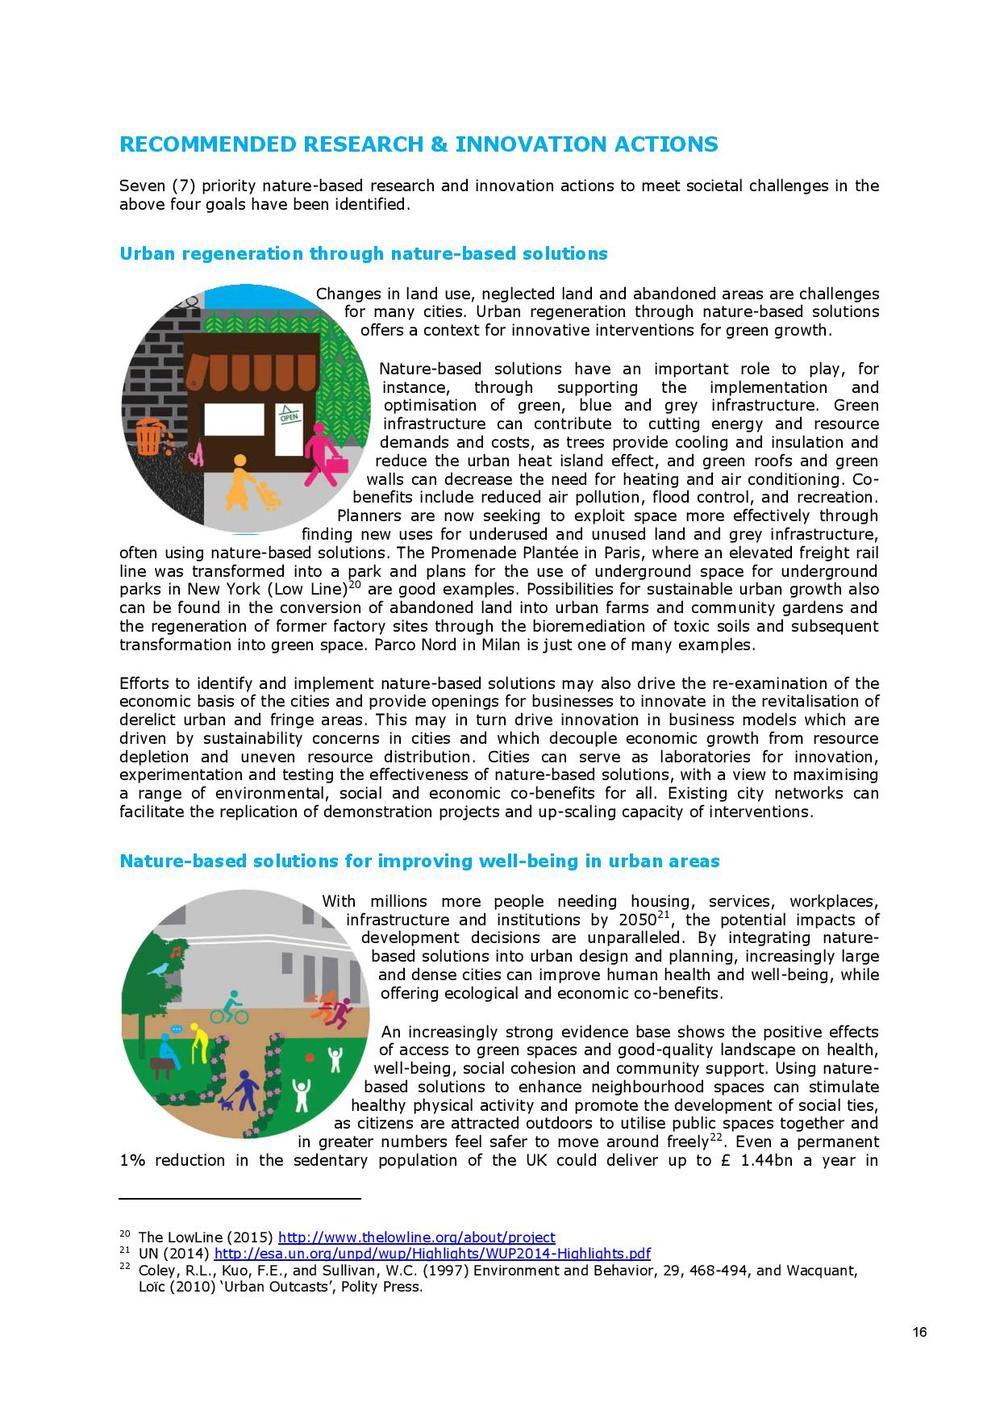 DG RTD_WEB-Publication A4_NBS_long_version_20150310-page-018.jpg